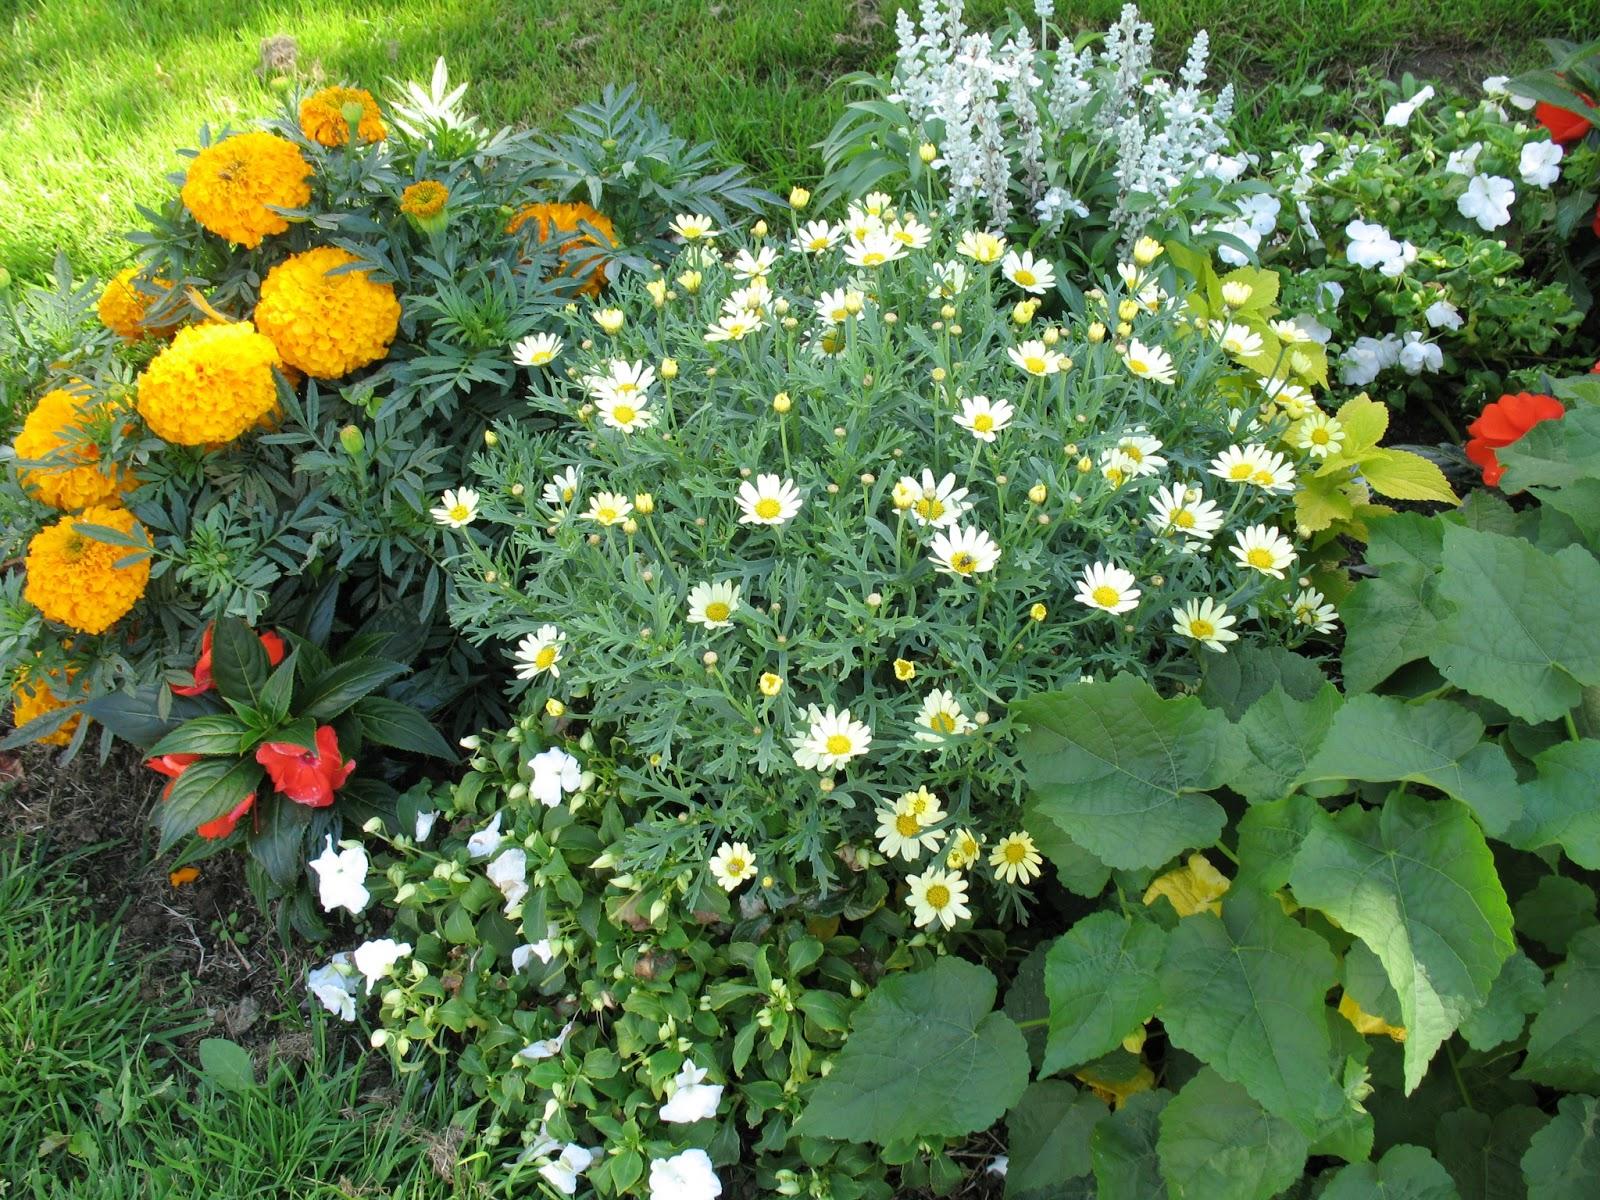 roses du jardin ch neland rose d 39 inde. Black Bedroom Furniture Sets. Home Design Ideas